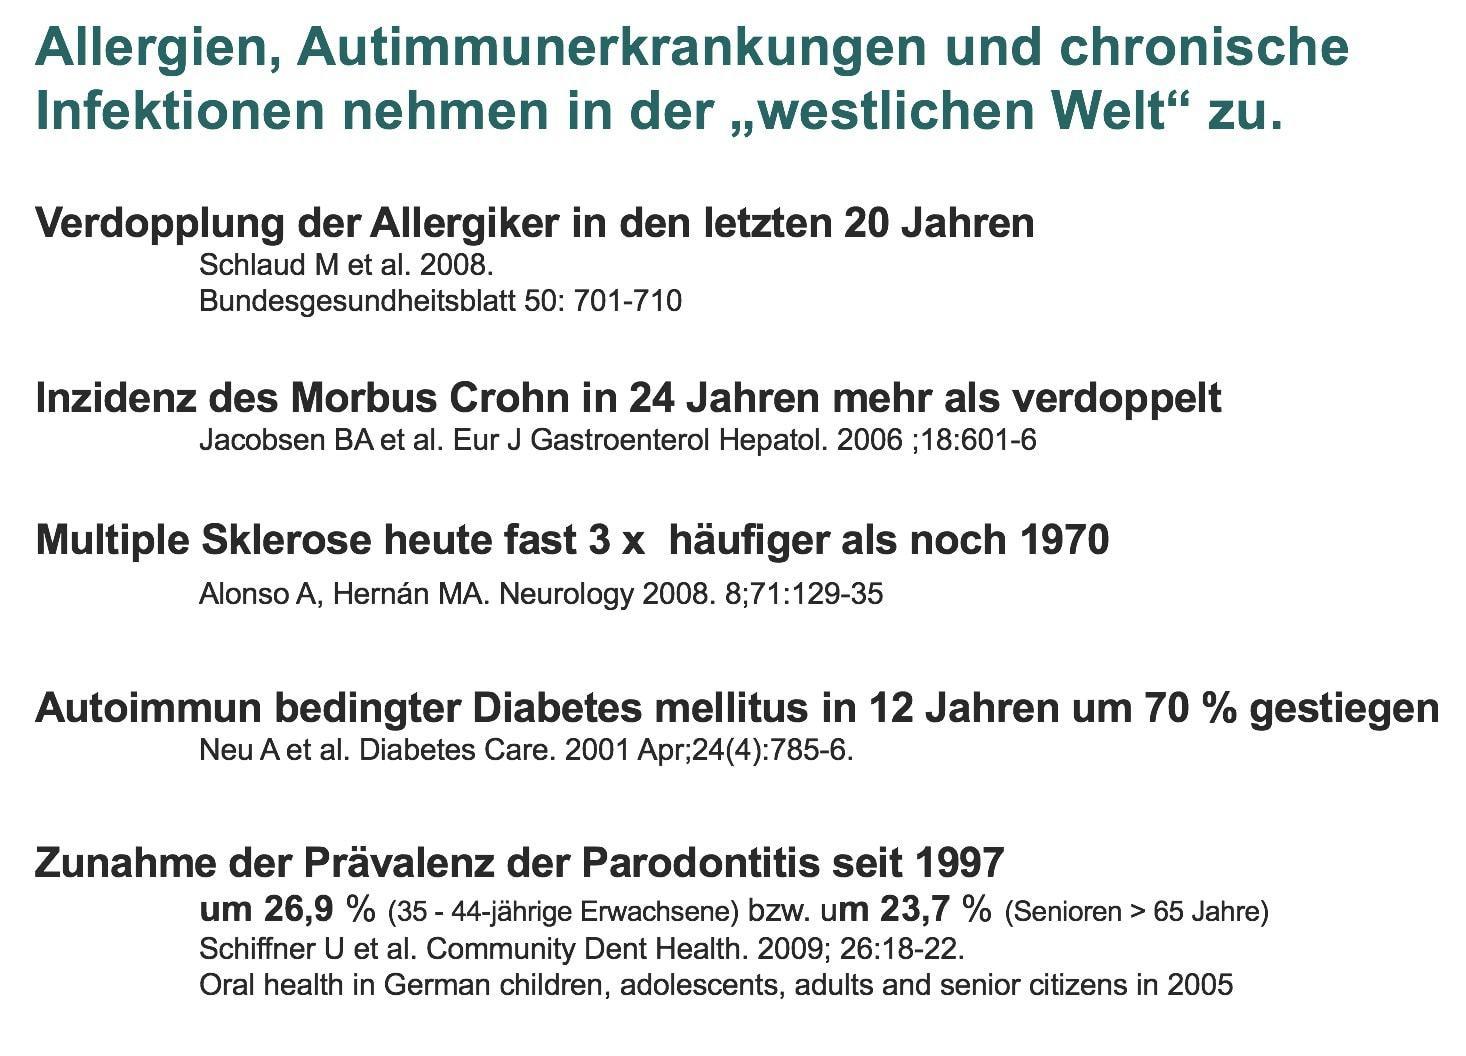 Zahnarzt in St.Gallen Allergien, Autoimmunerkrankungen und chronische Infektionen